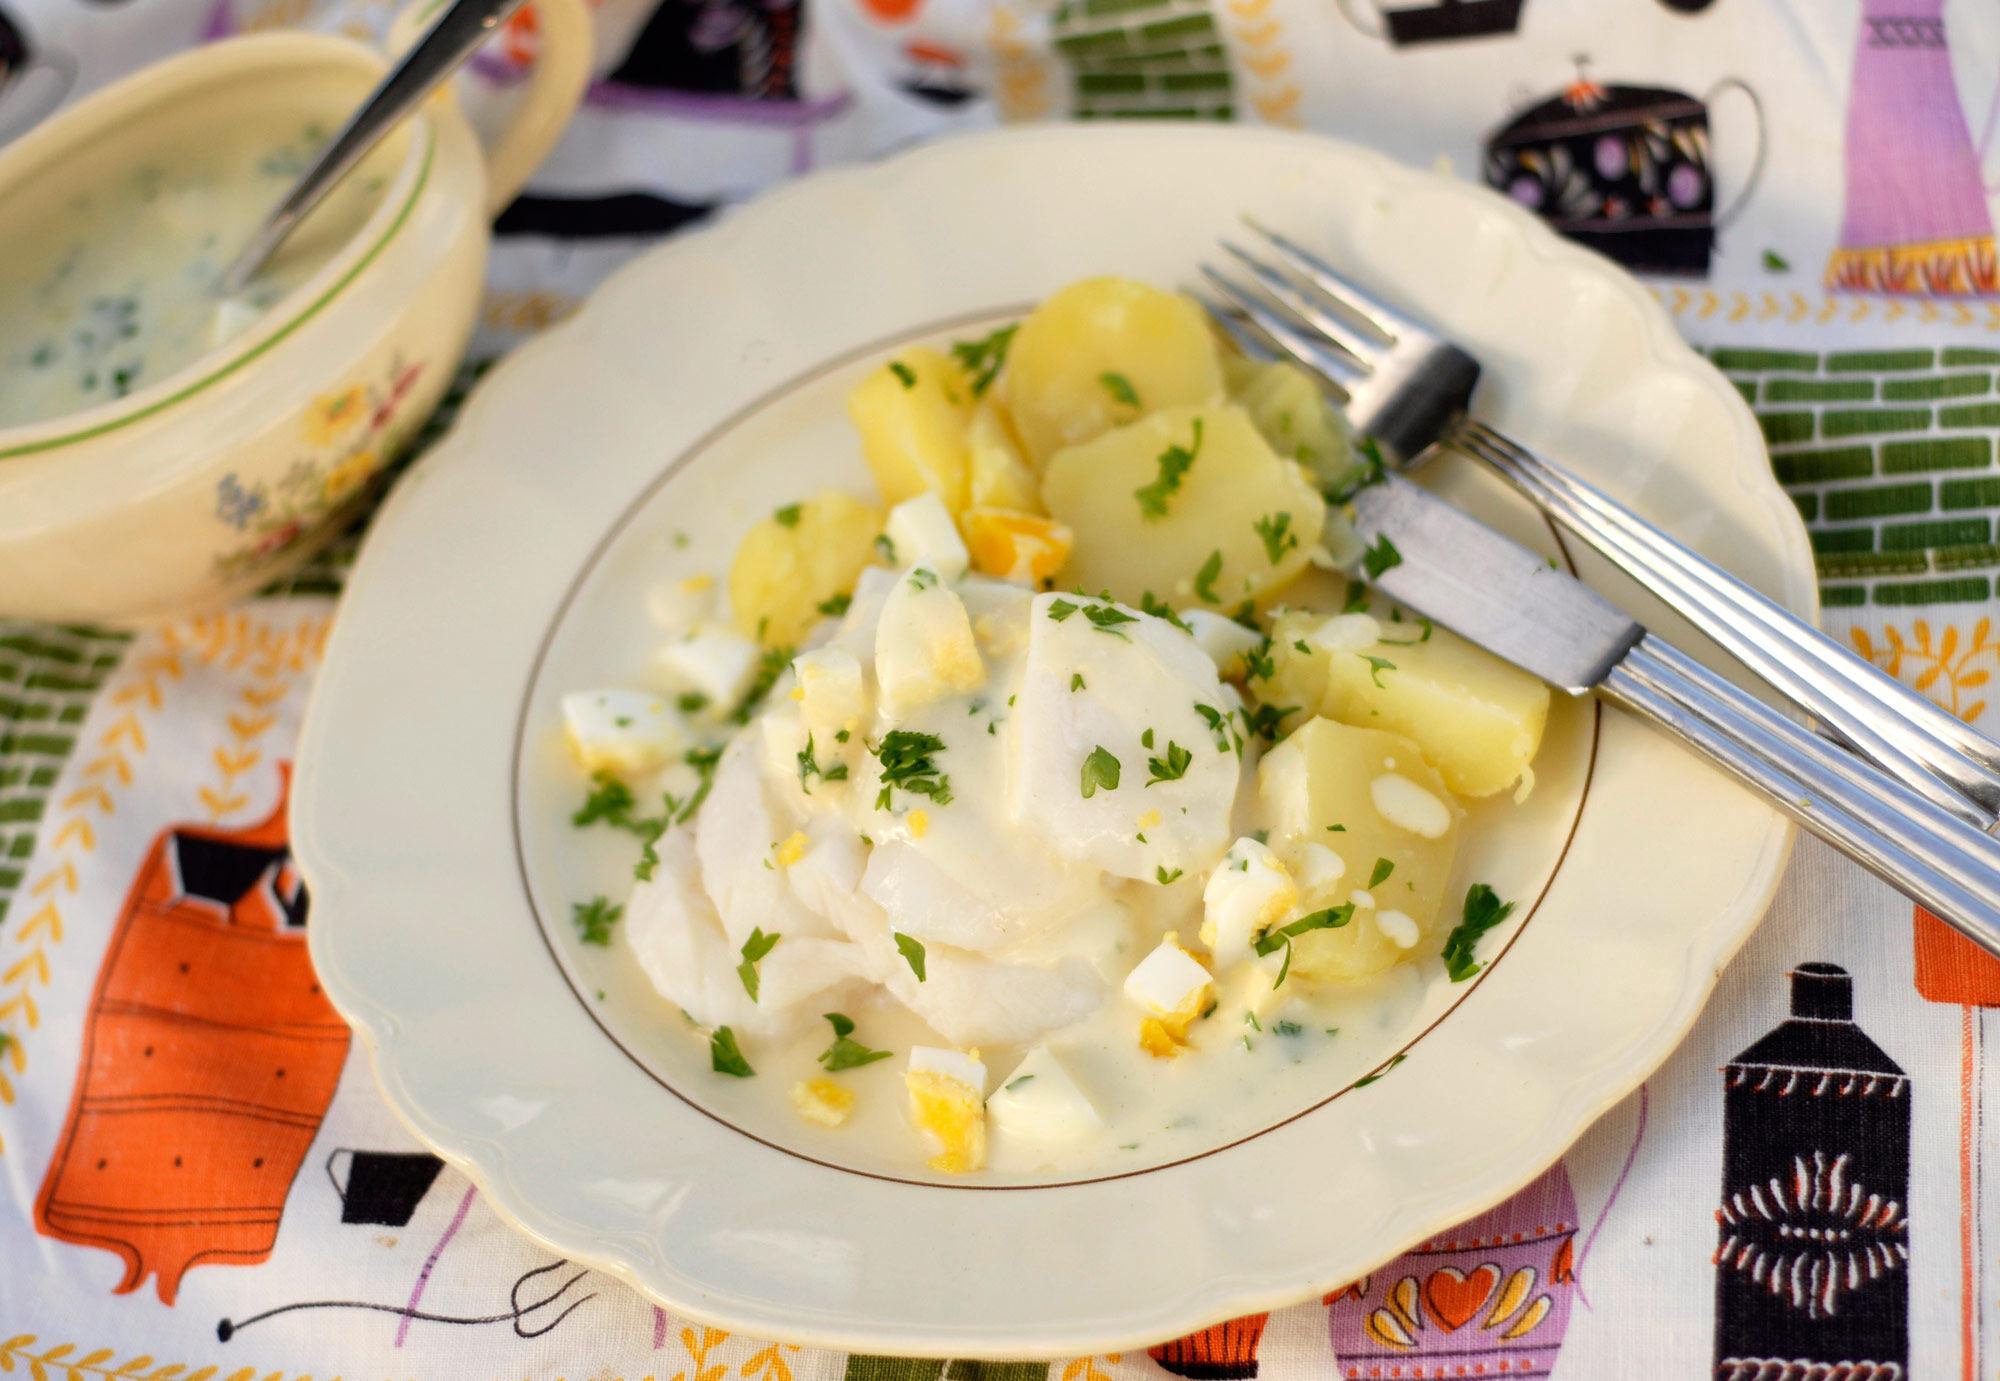 Torsk-m-egg-1